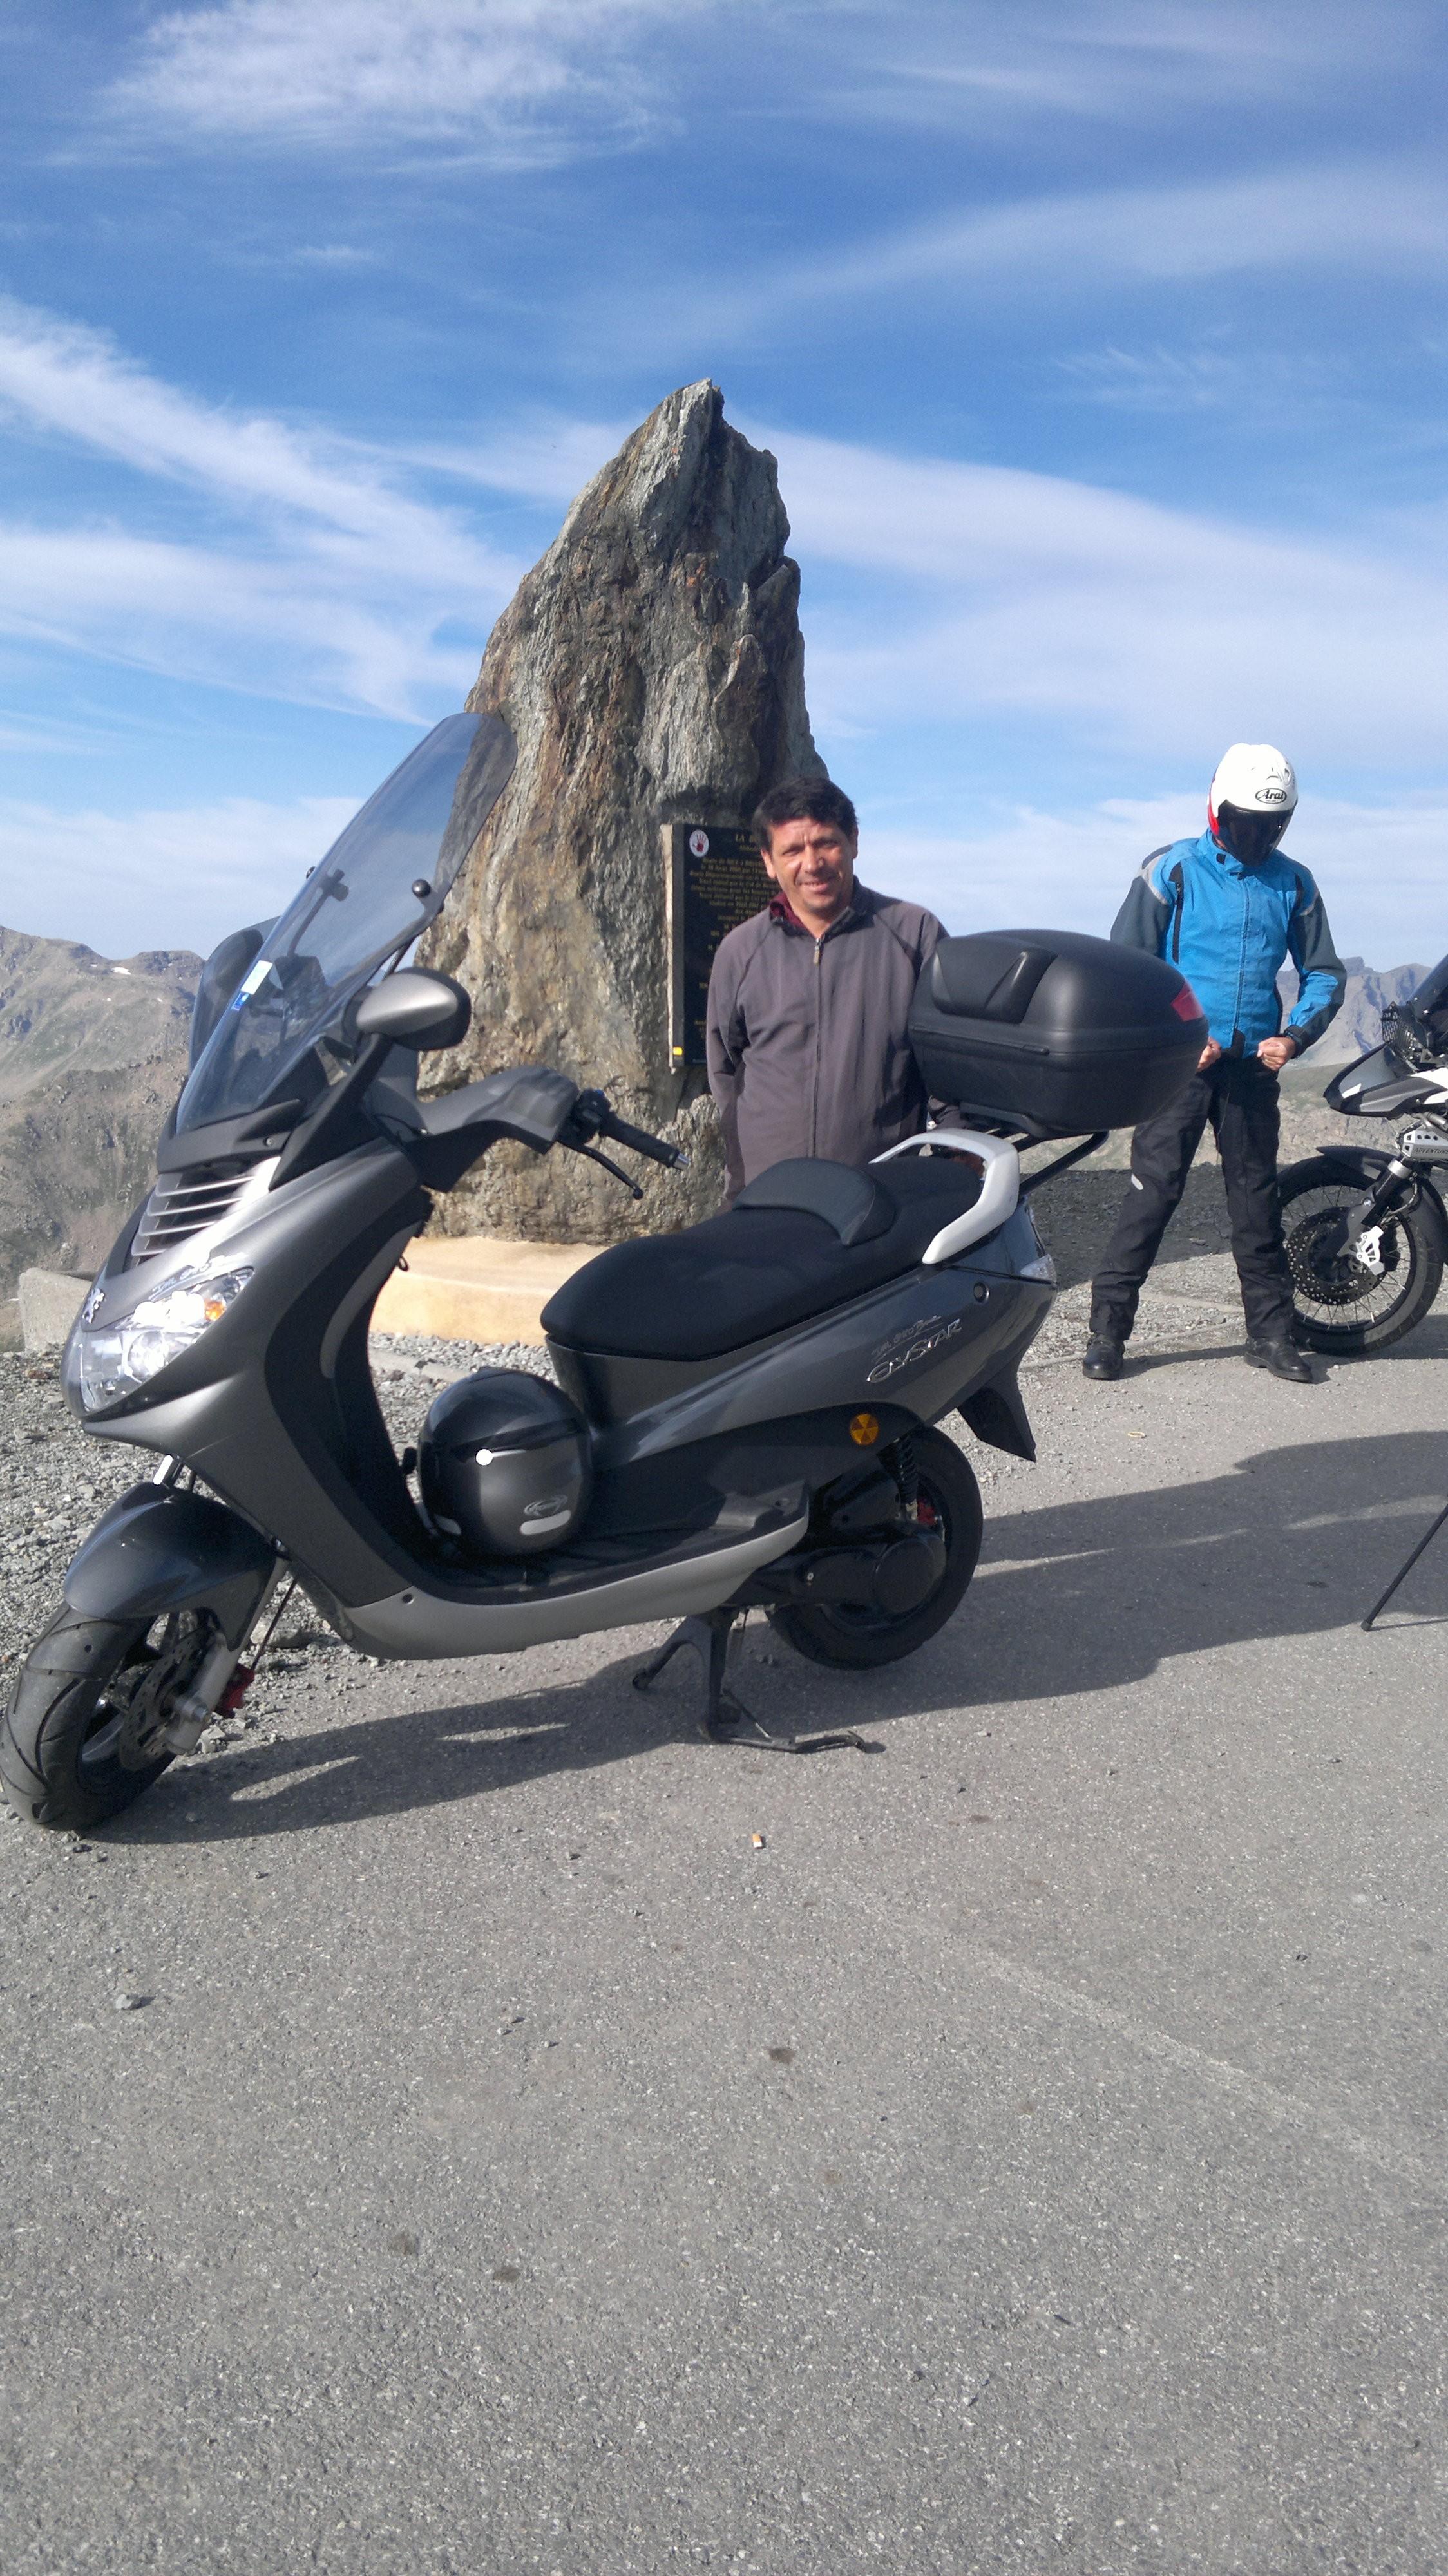 tour de france en 17 etape les balades moto communautaires moto. Black Bedroom Furniture Sets. Home Design Ideas